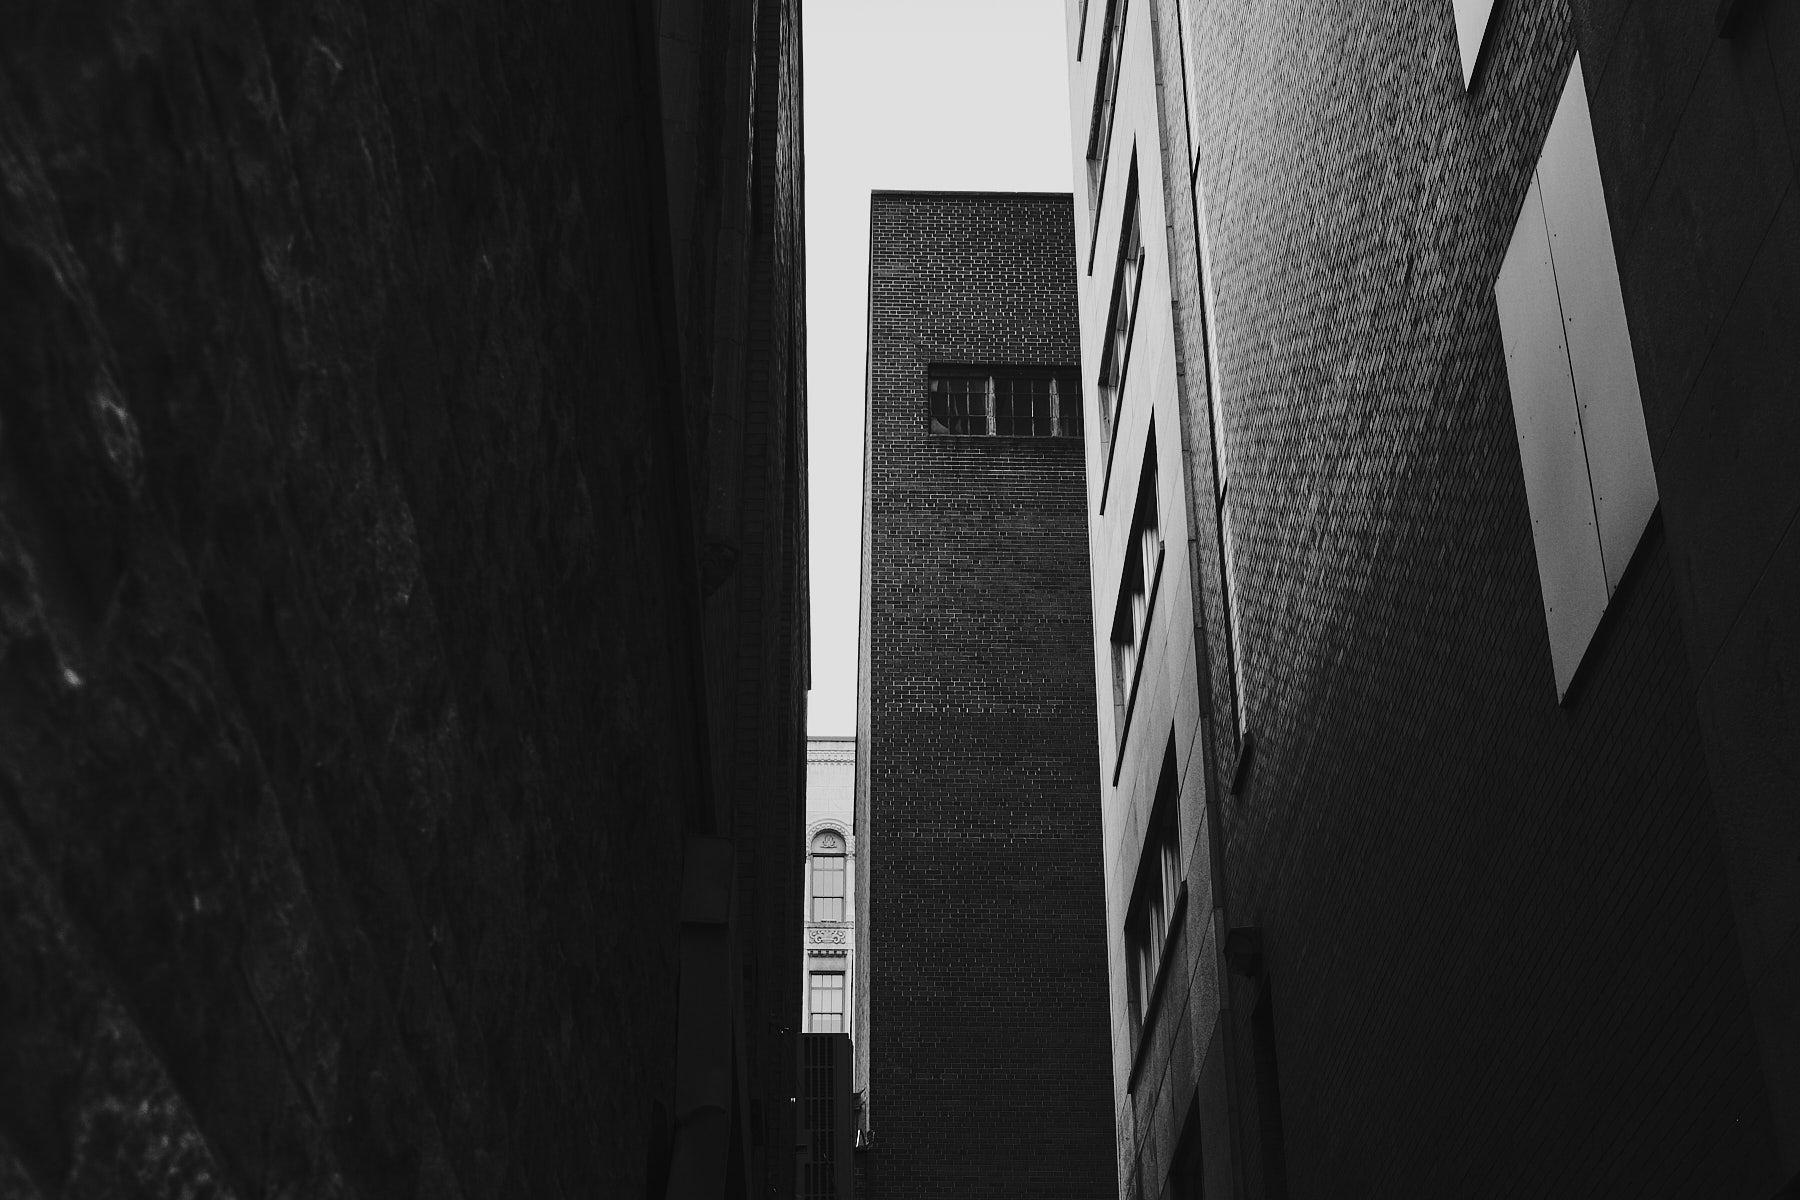 laROQUE-gray-quiet-010.jpg